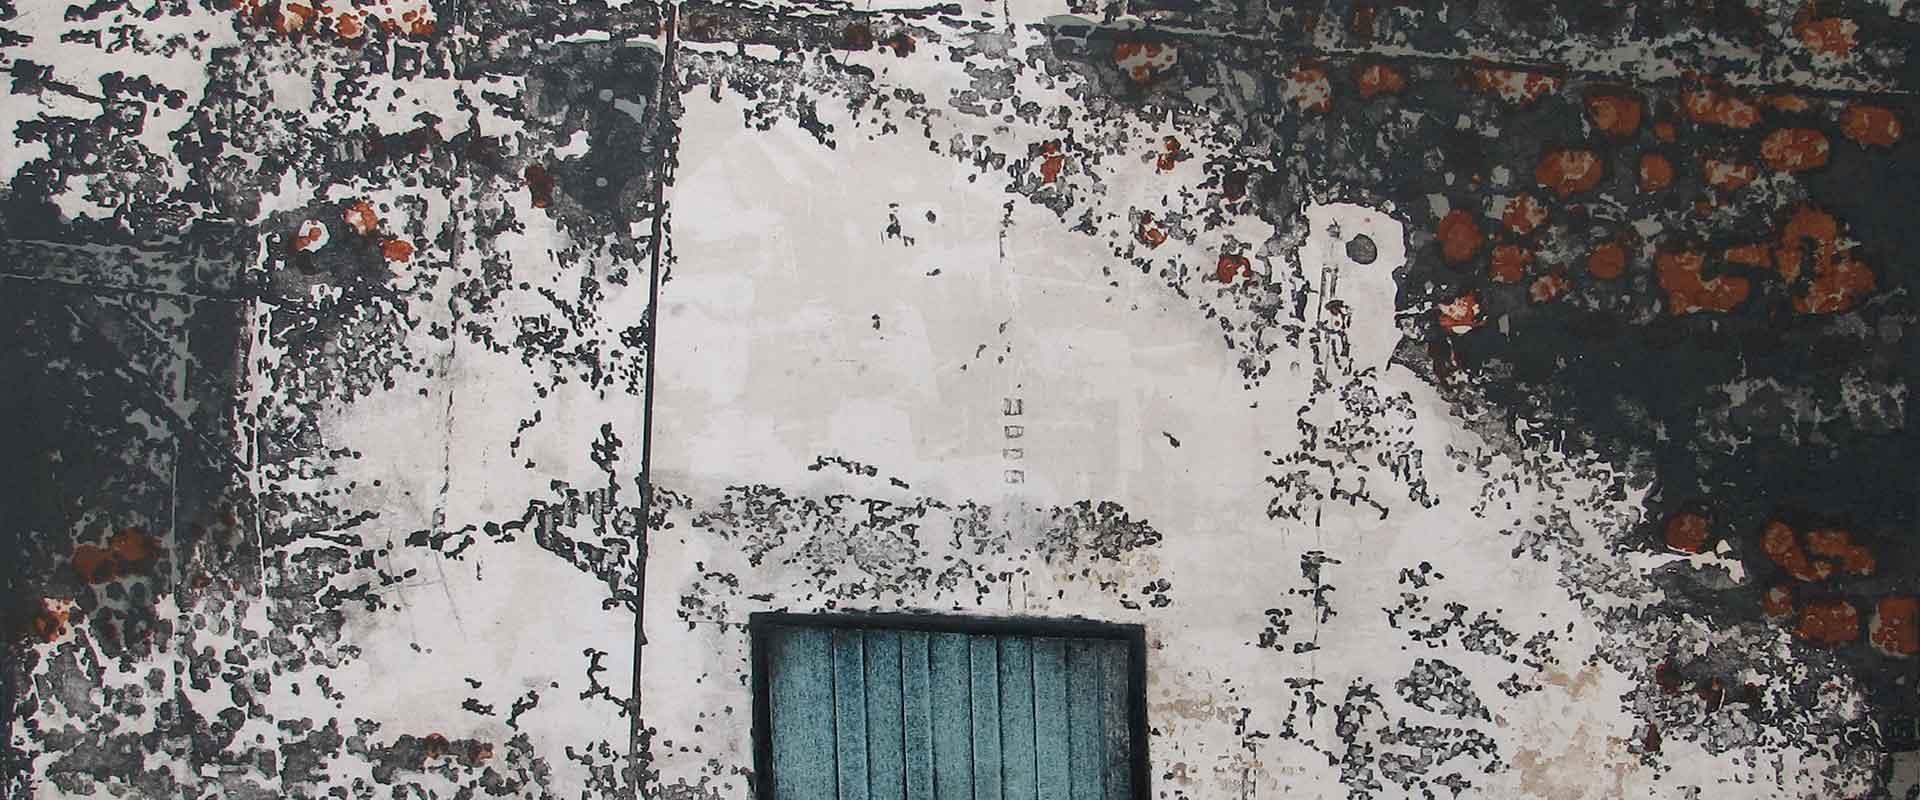 Pesah detail of fine art print